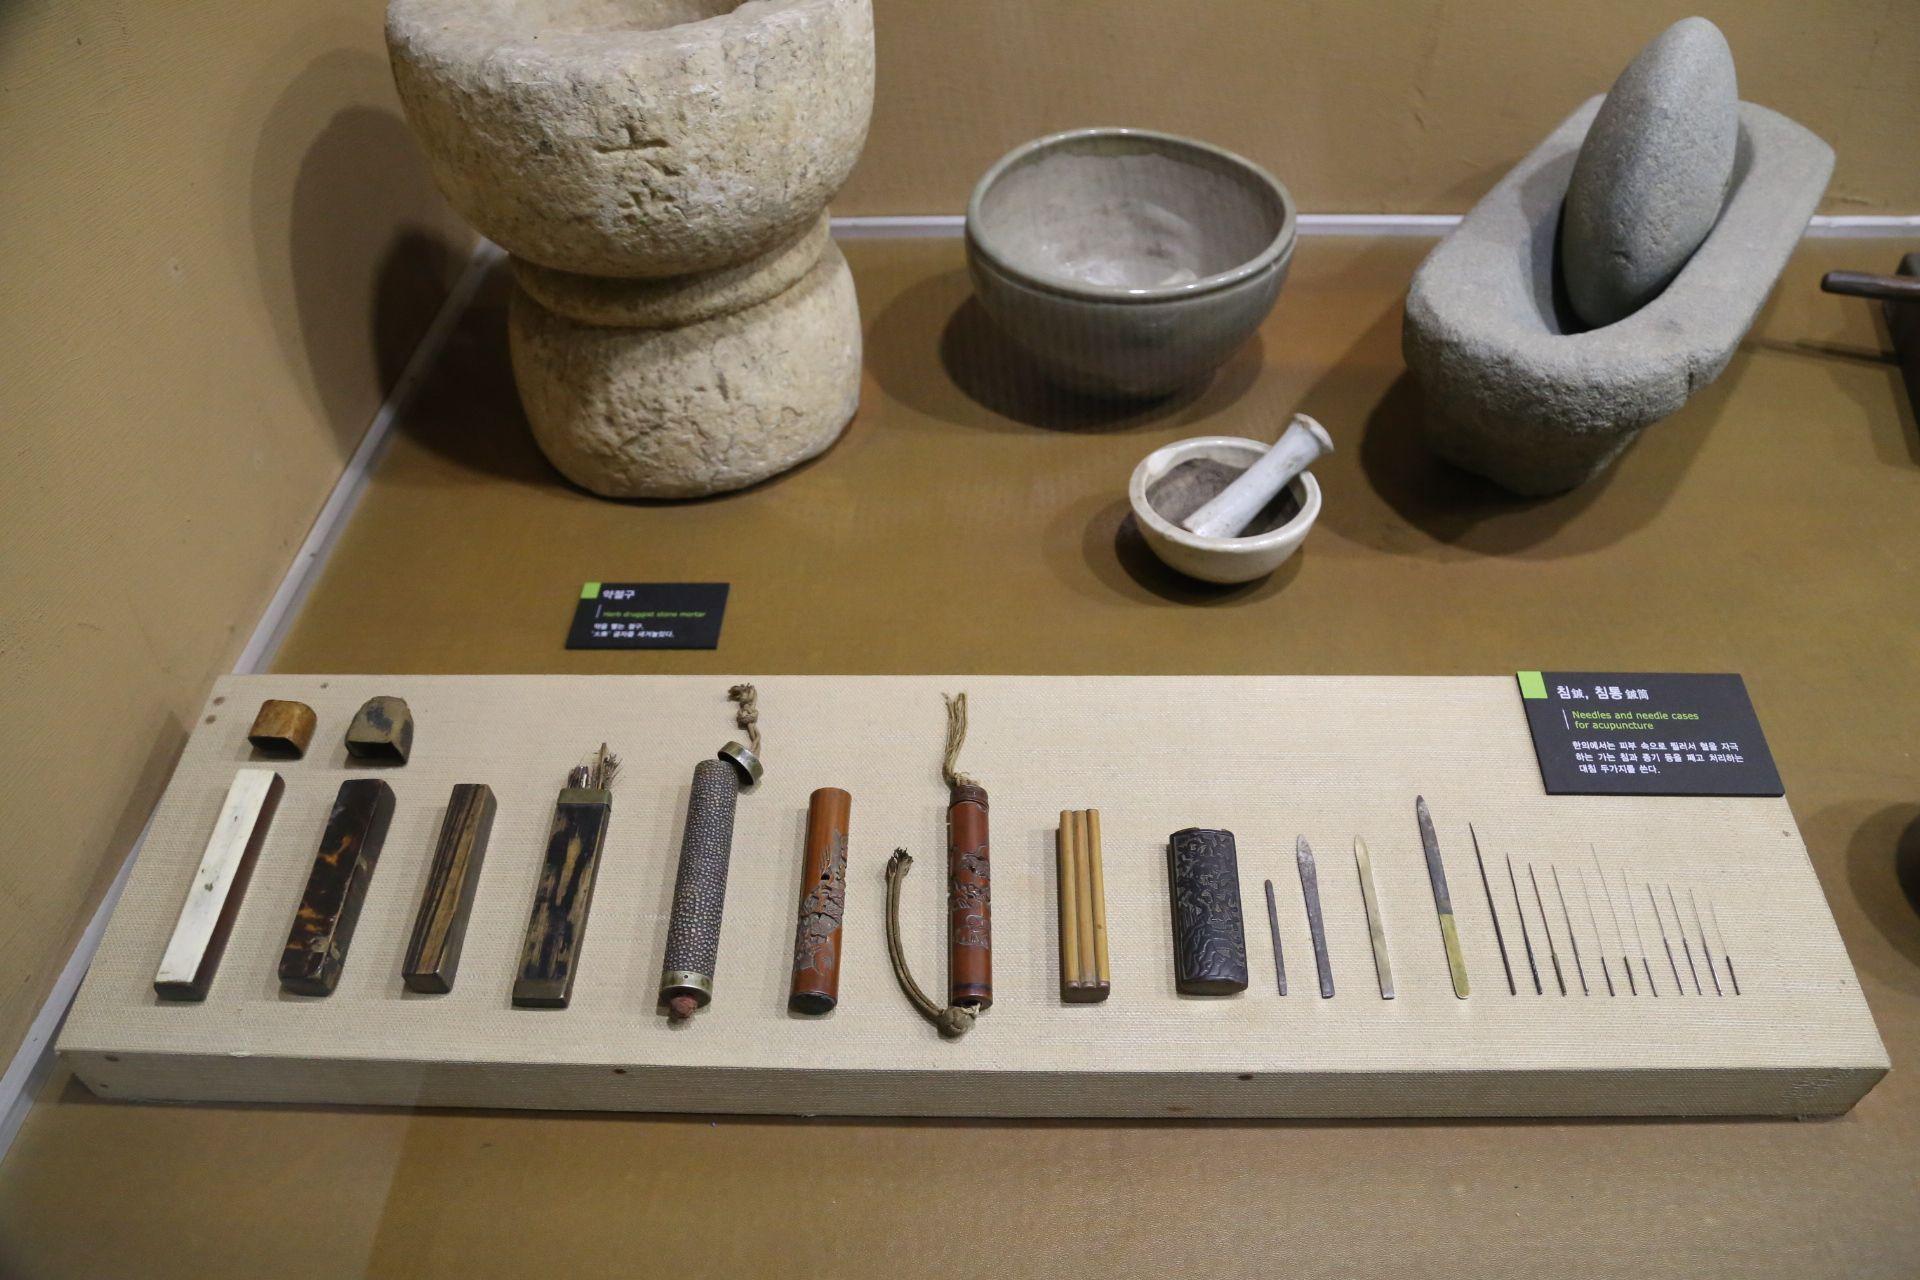 온양민속박물관Onyang Korean Folk Museum 침 지난 주말 사상체질의학회 이사회를 다녀오며 들긴곳입니다...좋은 내용이 많이 있더군요...한번 방문해보세요^^ 온양민속박물관소개  http://aboutchun.com/718  English HP http://www.iwooridul.com/english 日本語HP http://www.iwooridul.com/japan 中國語 HP http://www.iwooridul.com/chinese  우리들한의원 무료앱 다운법 사상체질진단가능 free app. sasang diagnosis program. http://www.iwooridul.com/app-update